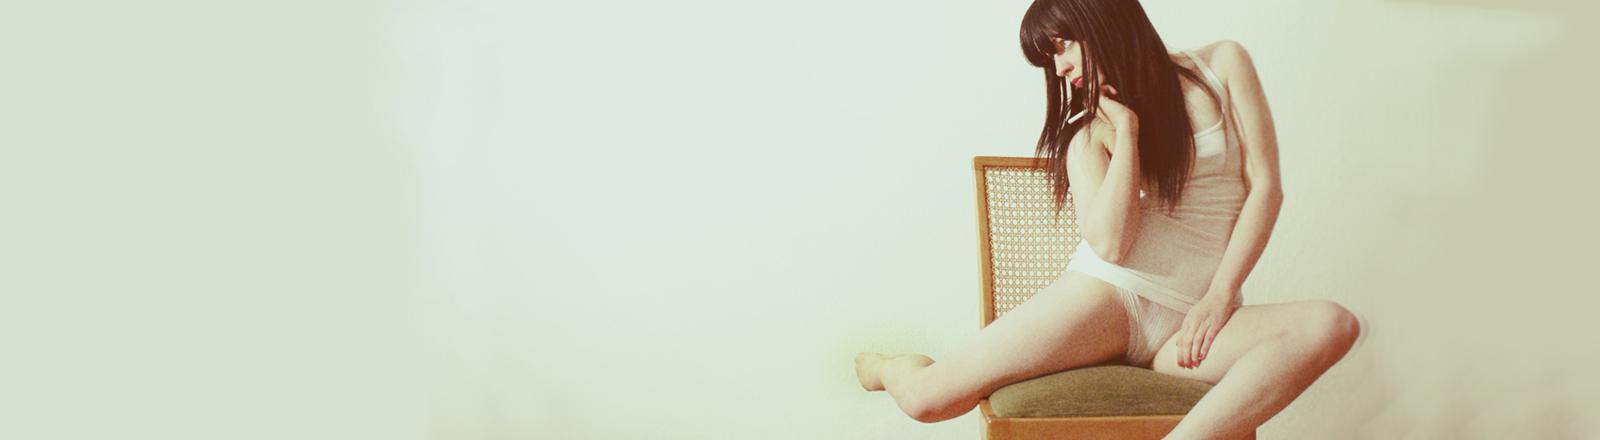 Eine Frau sitzt verdreht auf einem Stuhl.